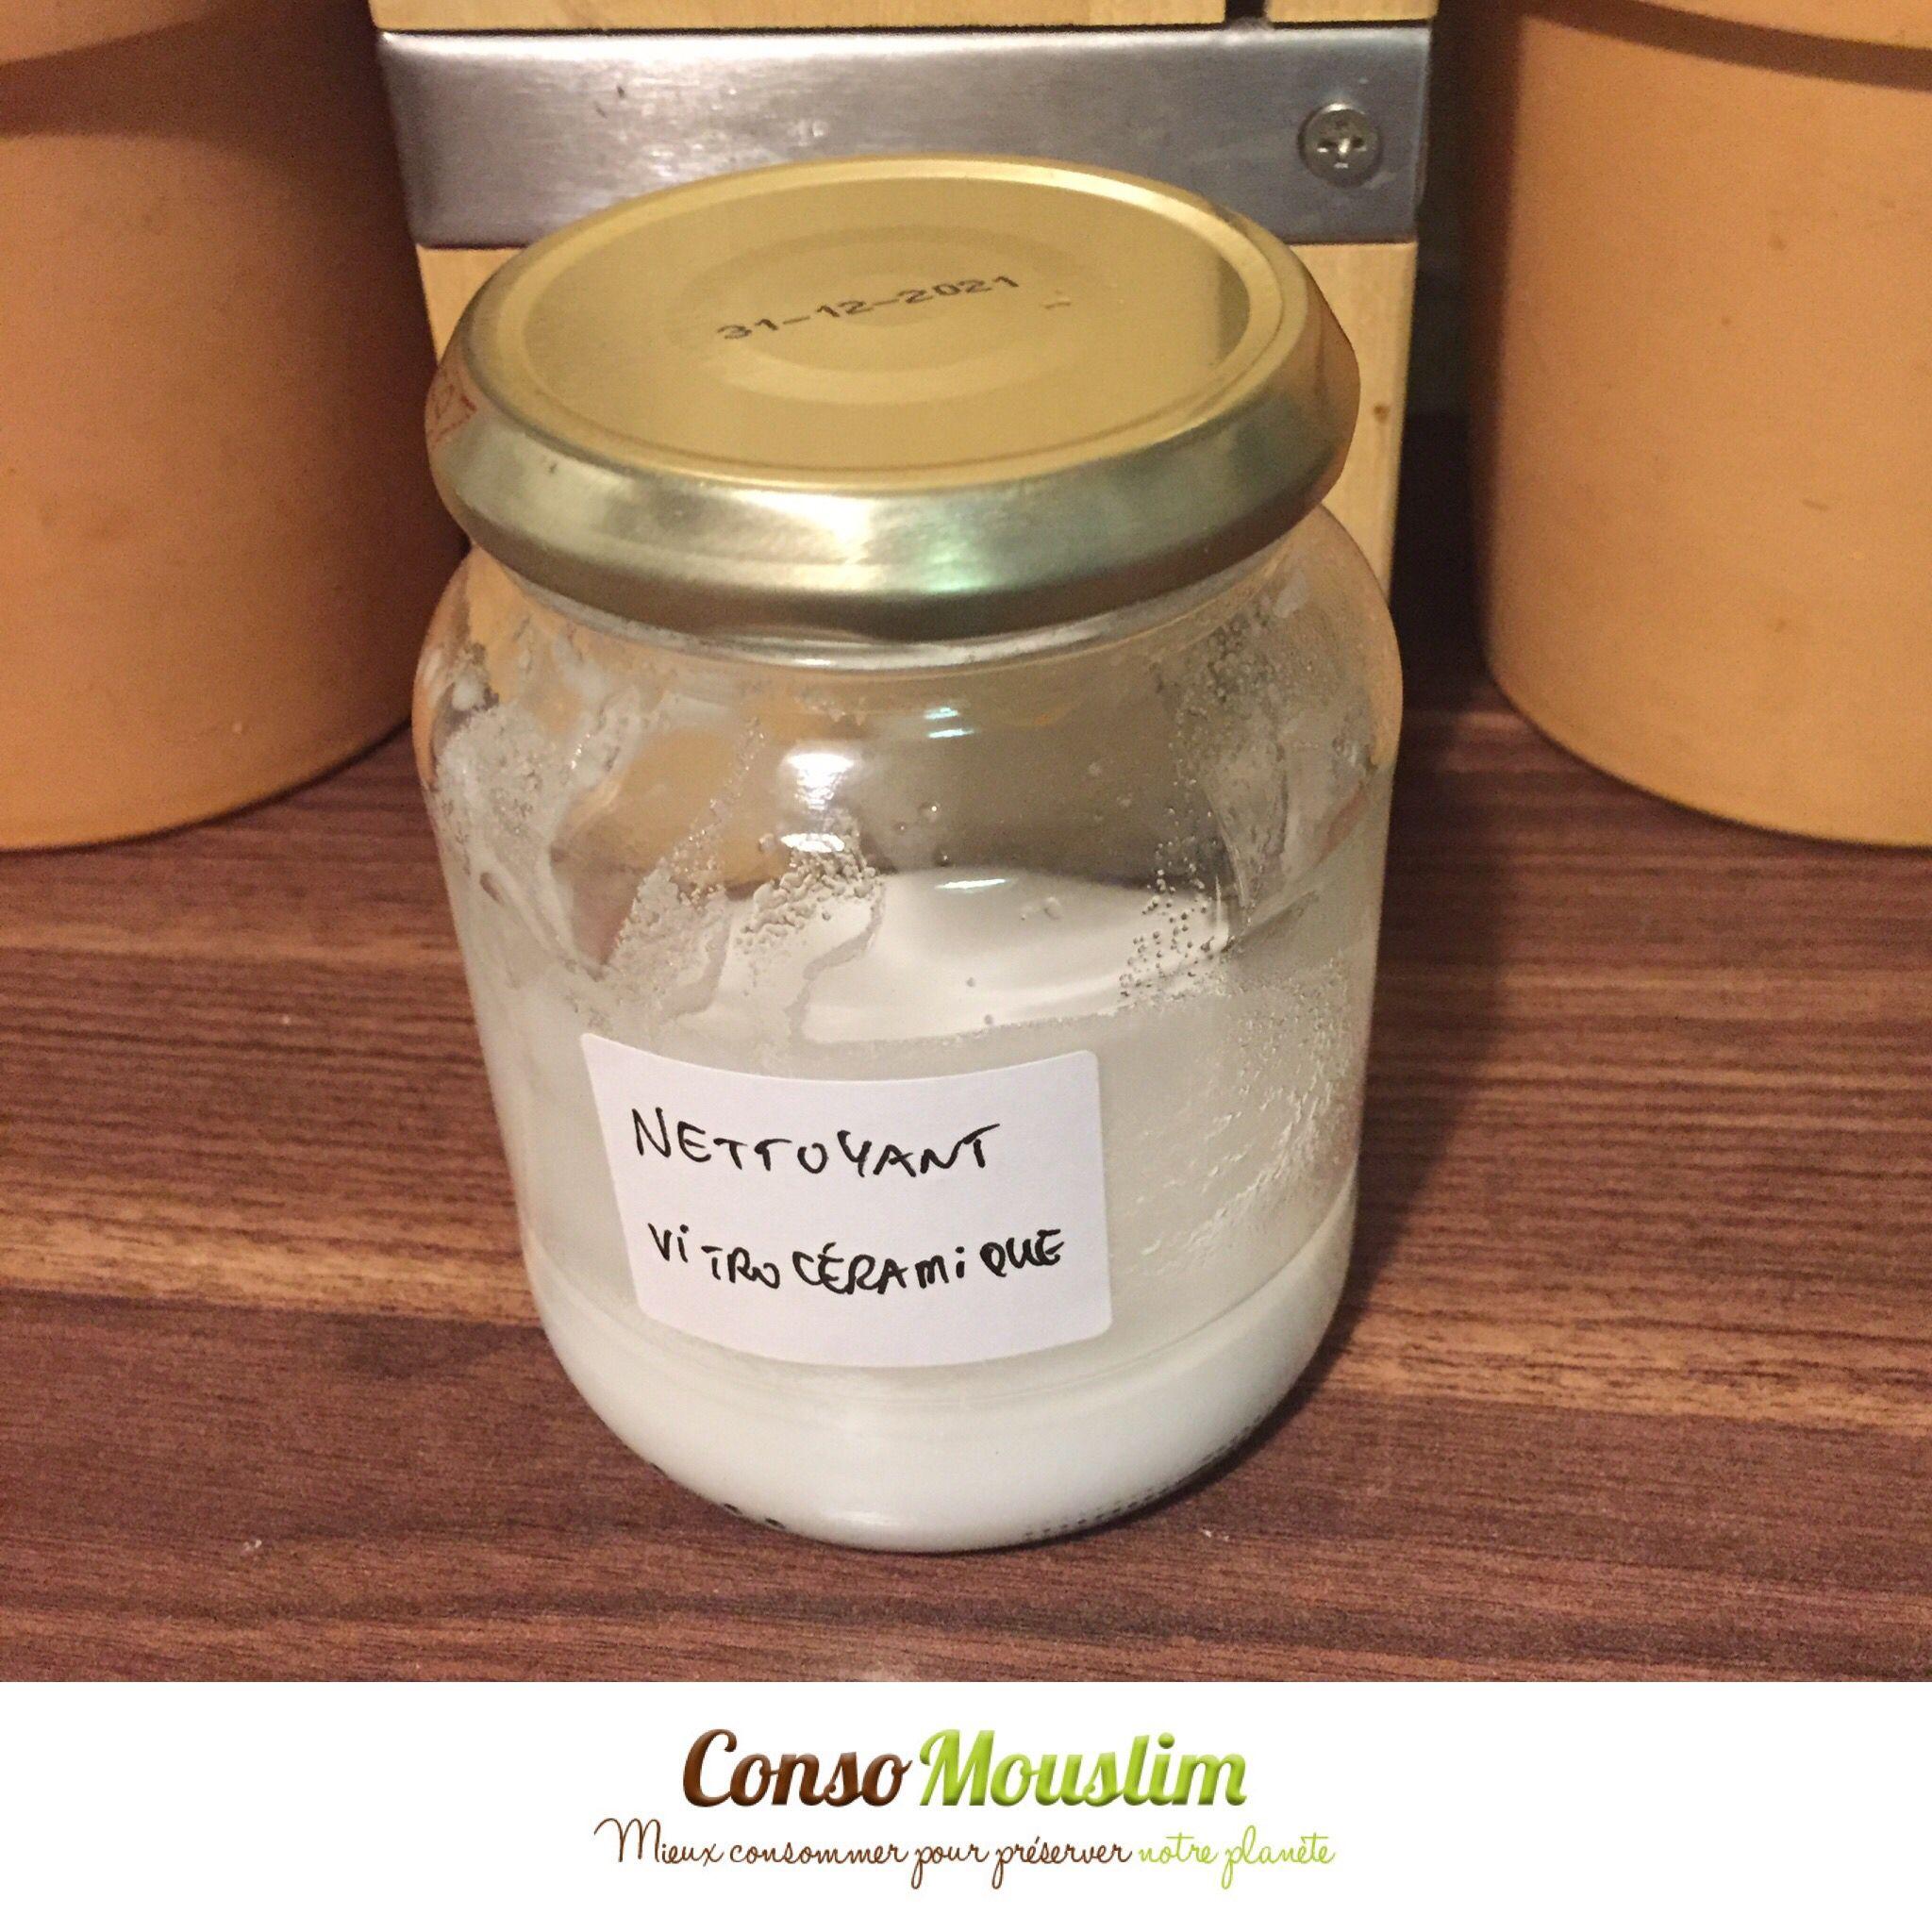 Produit Pour Nettoyer Vitroceramique l'astuce du jour ! recette nettoyant pour plaques : suffit